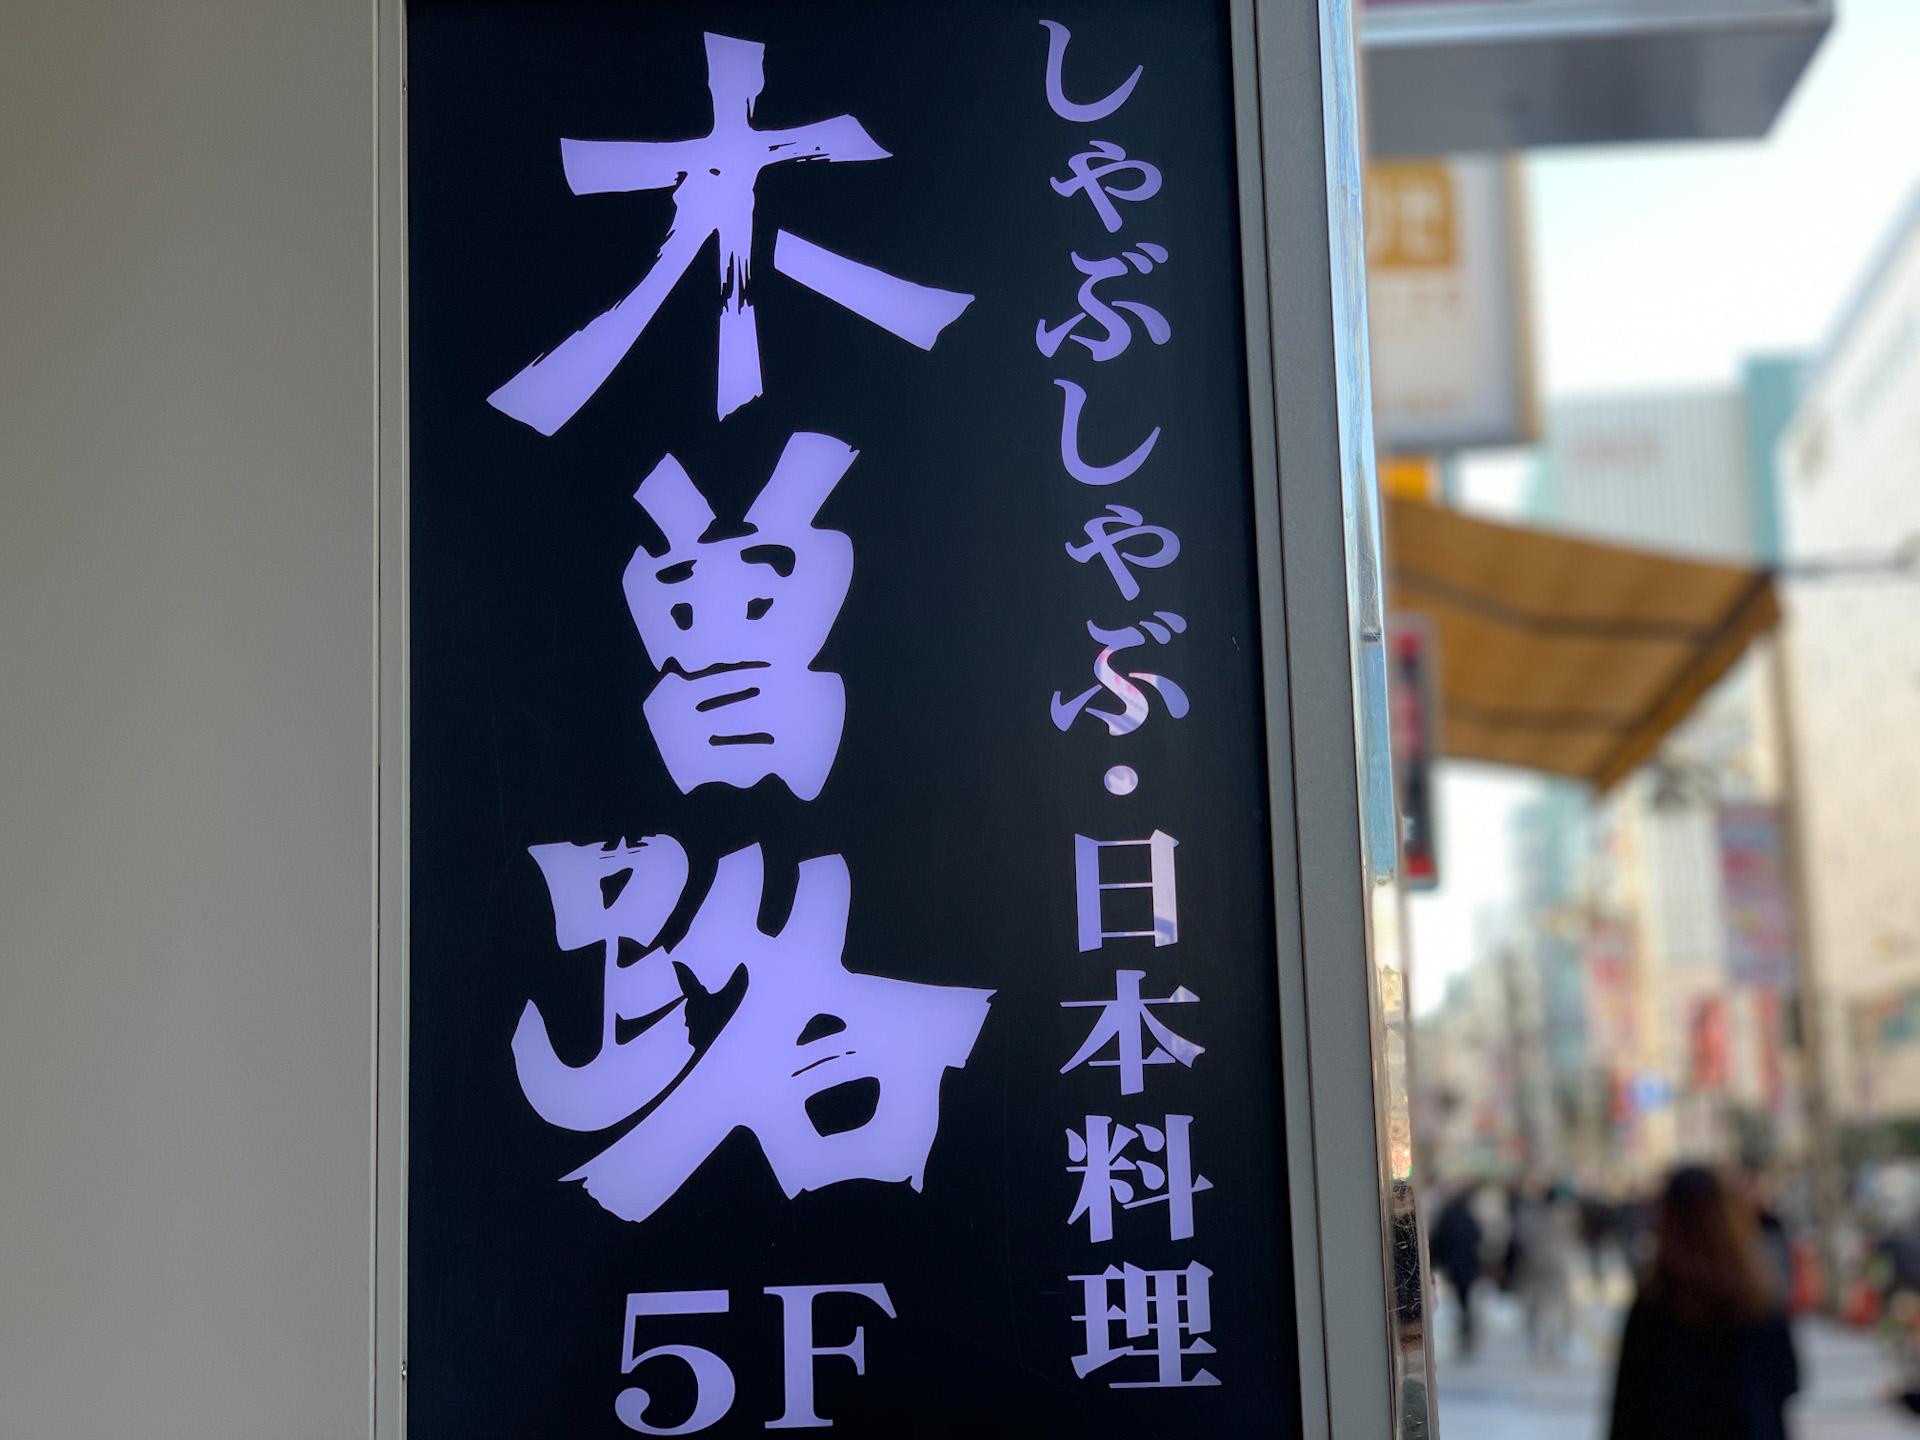 木曽路でしゃぶしゃぶ食べ放題を楽しもう!実施店舗やお値段・メニューは?